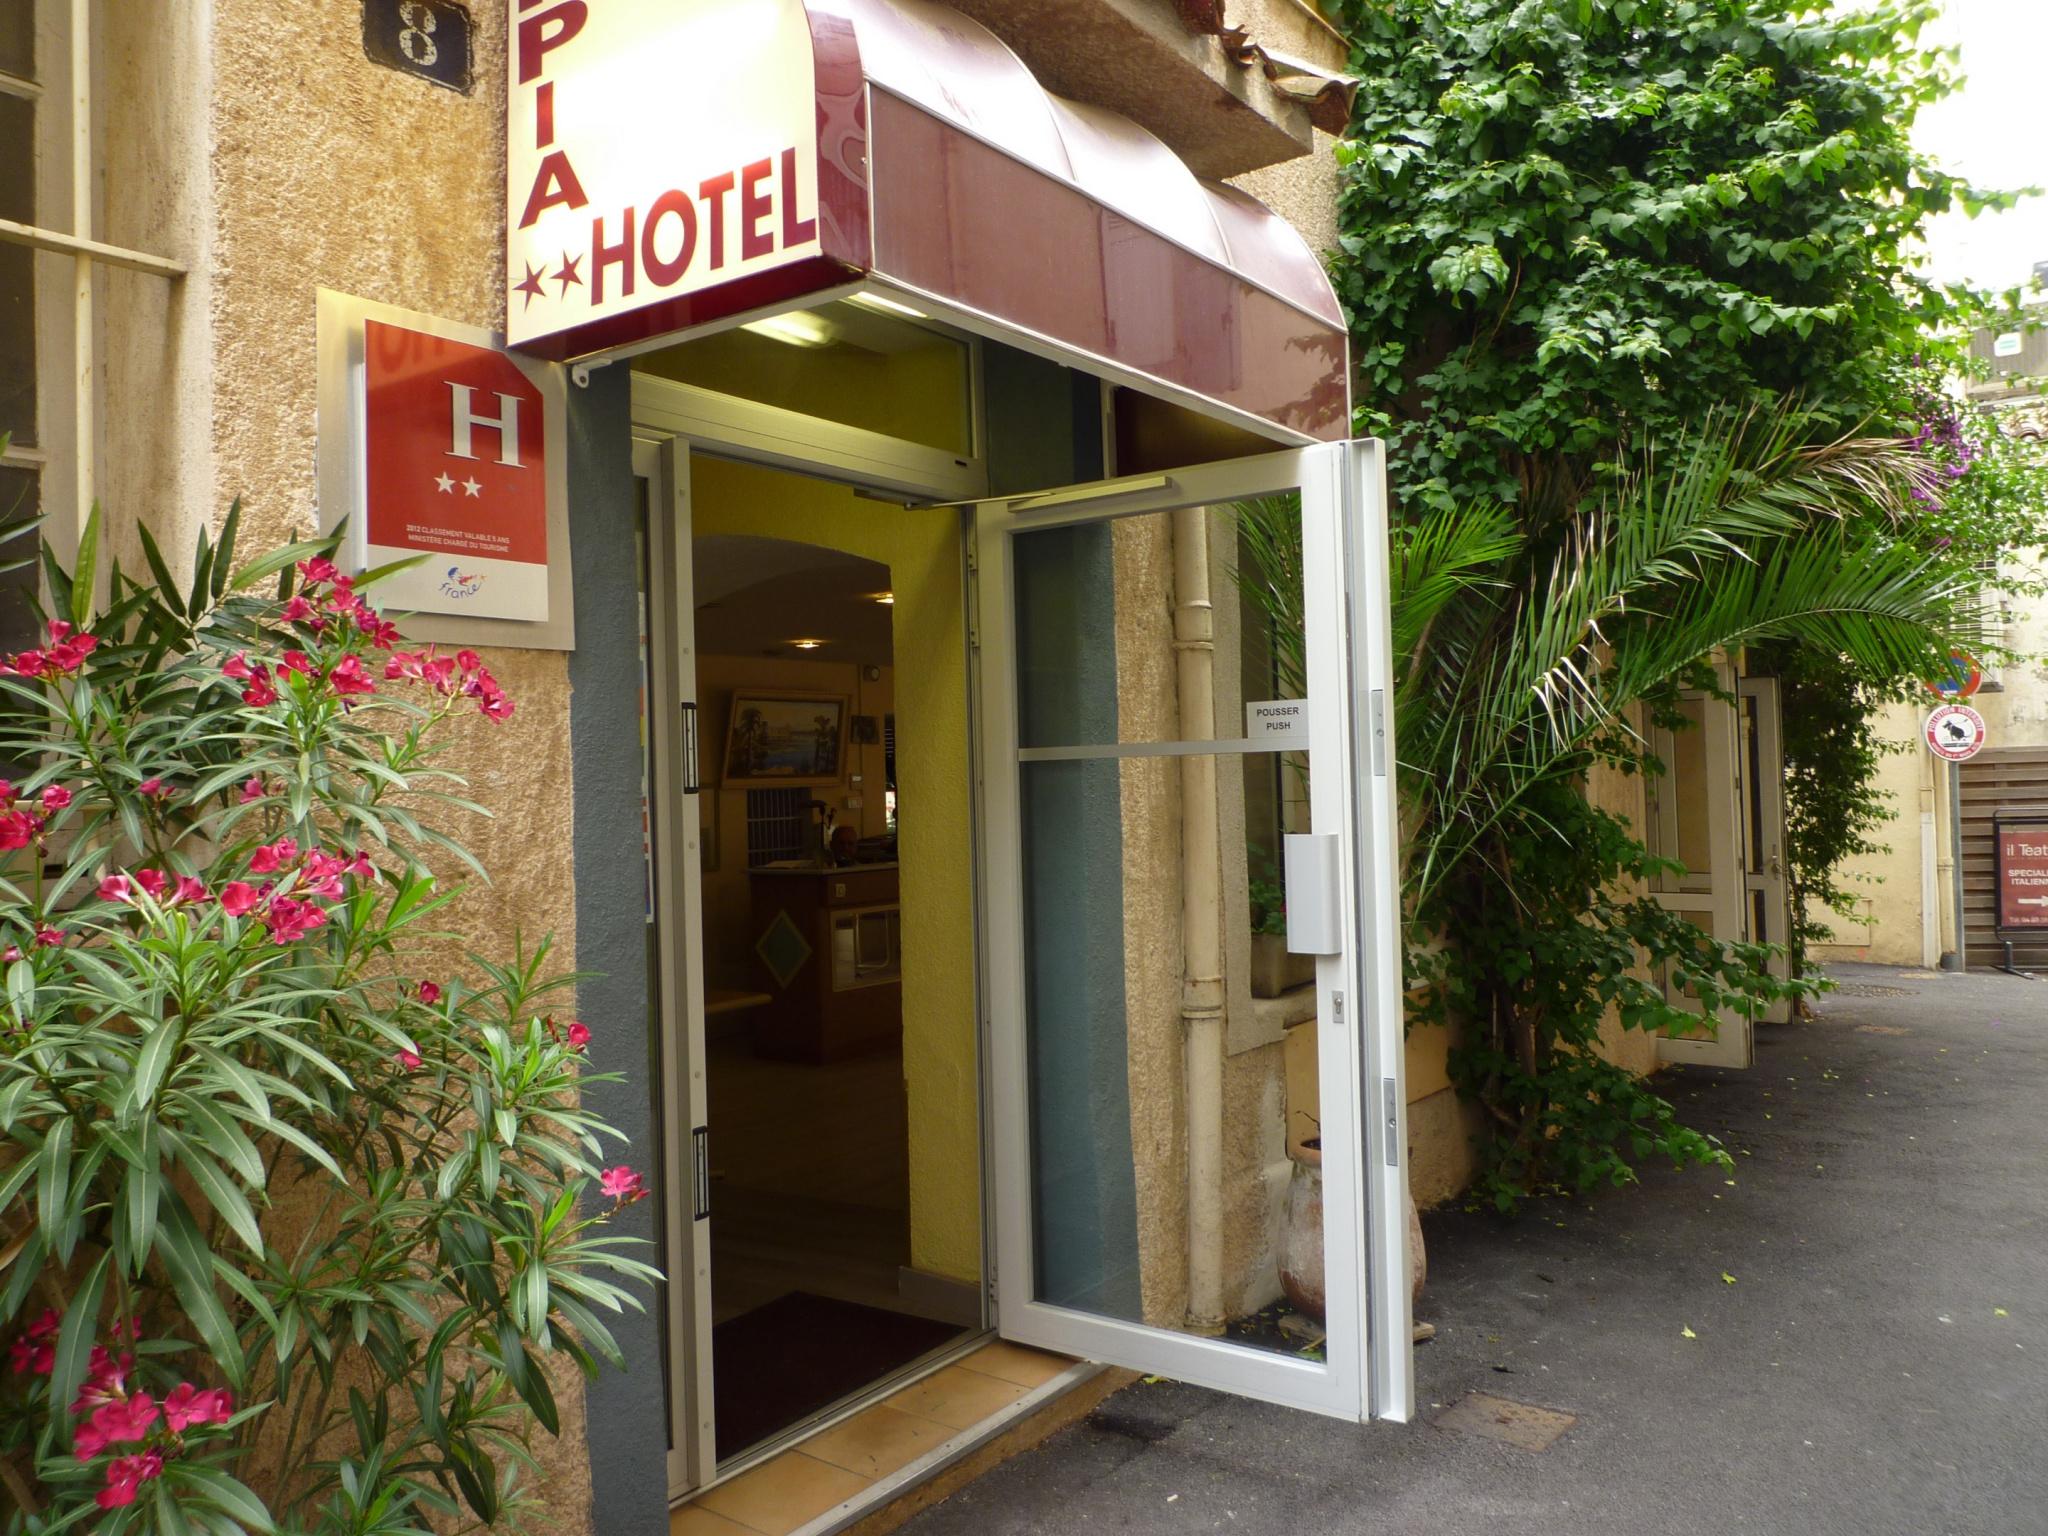 Vente immobilier professionnel hotel bureau centre ville - Bureau de vente immobilier ...